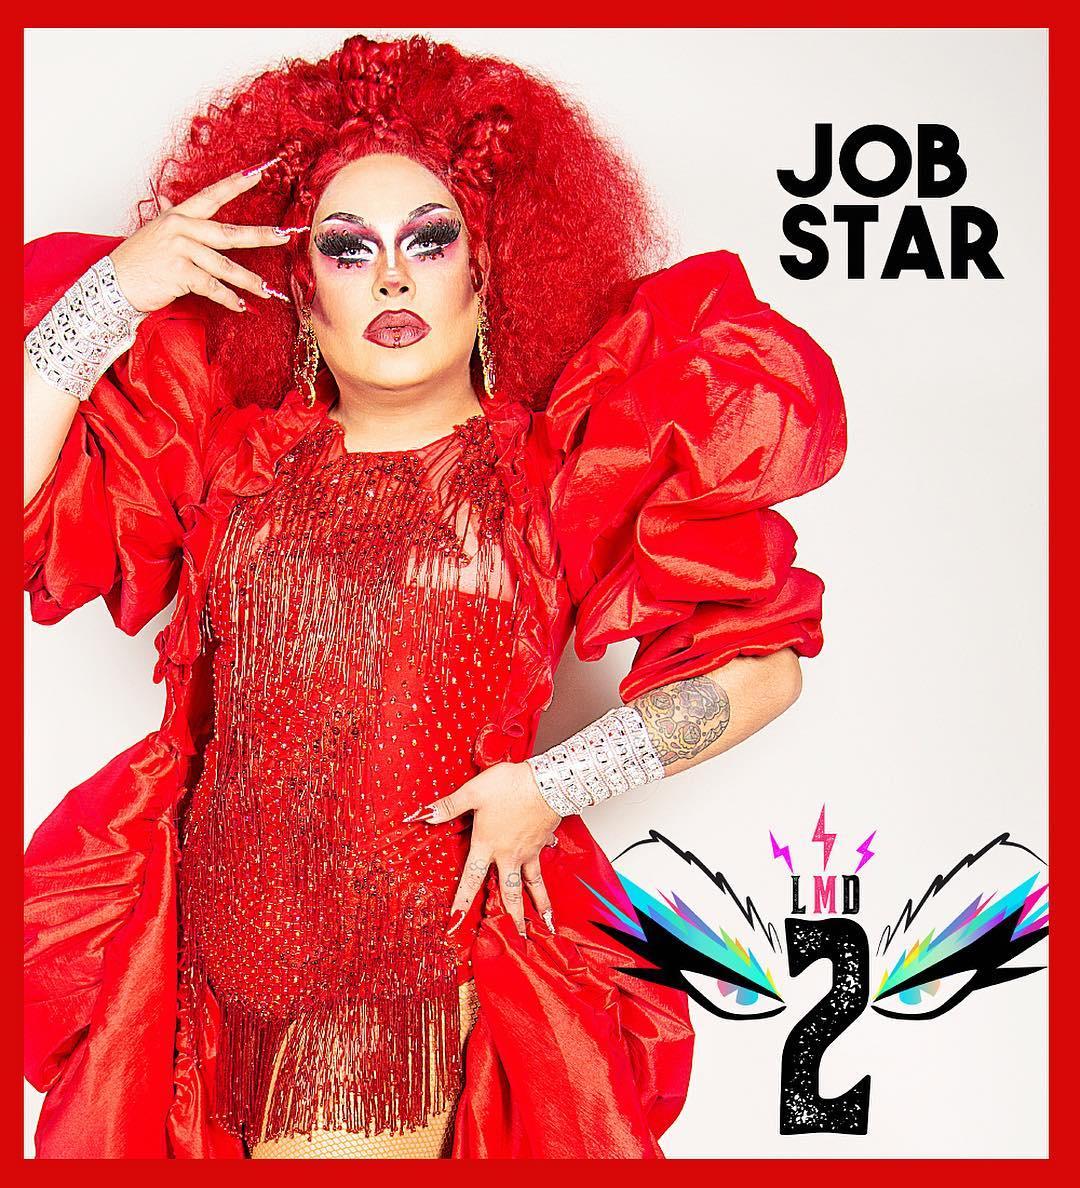 Job Star